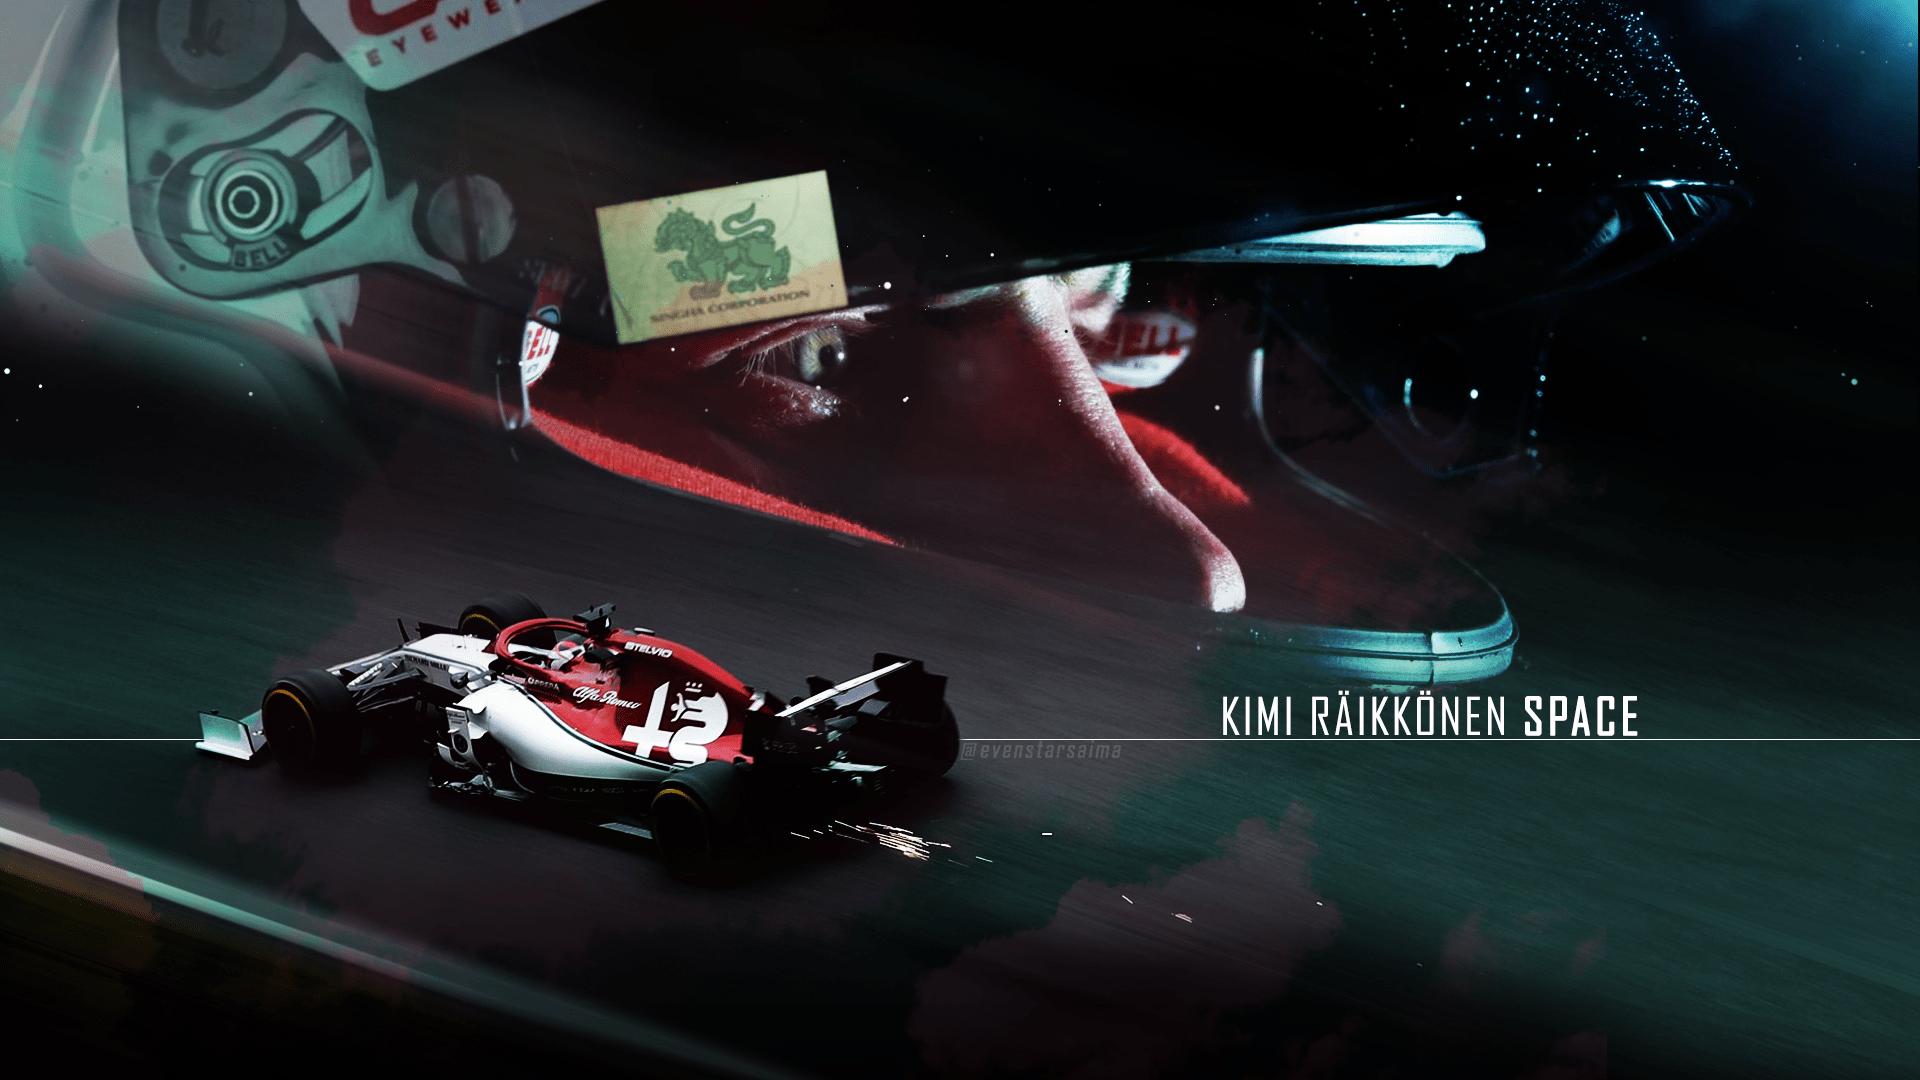 Kimi Raikkonen Wallpapers Top Free Kimi Raikkonen Backgrounds Wallpaperaccess